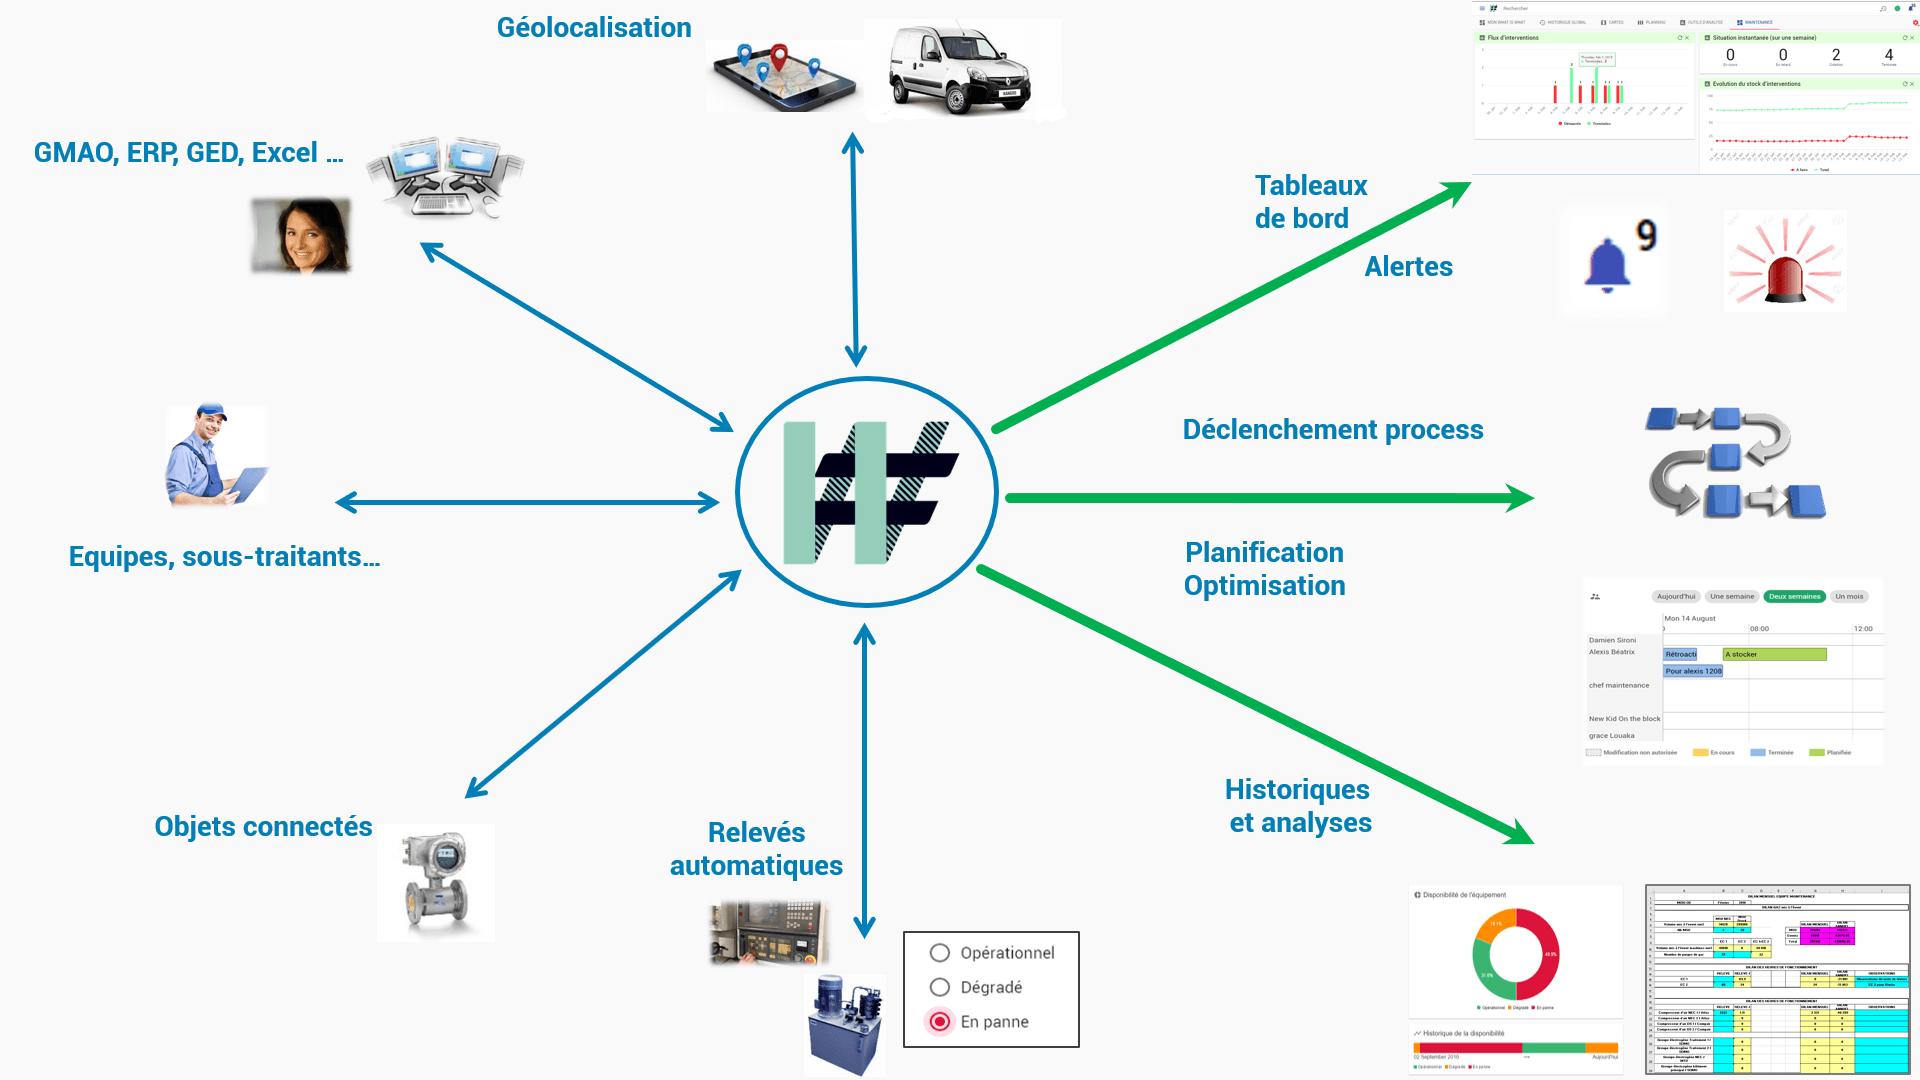 Les-interactions-au-coeur-du-pilotage-opérationnel - The WIW - Solutions pour l\'industrie 4.0